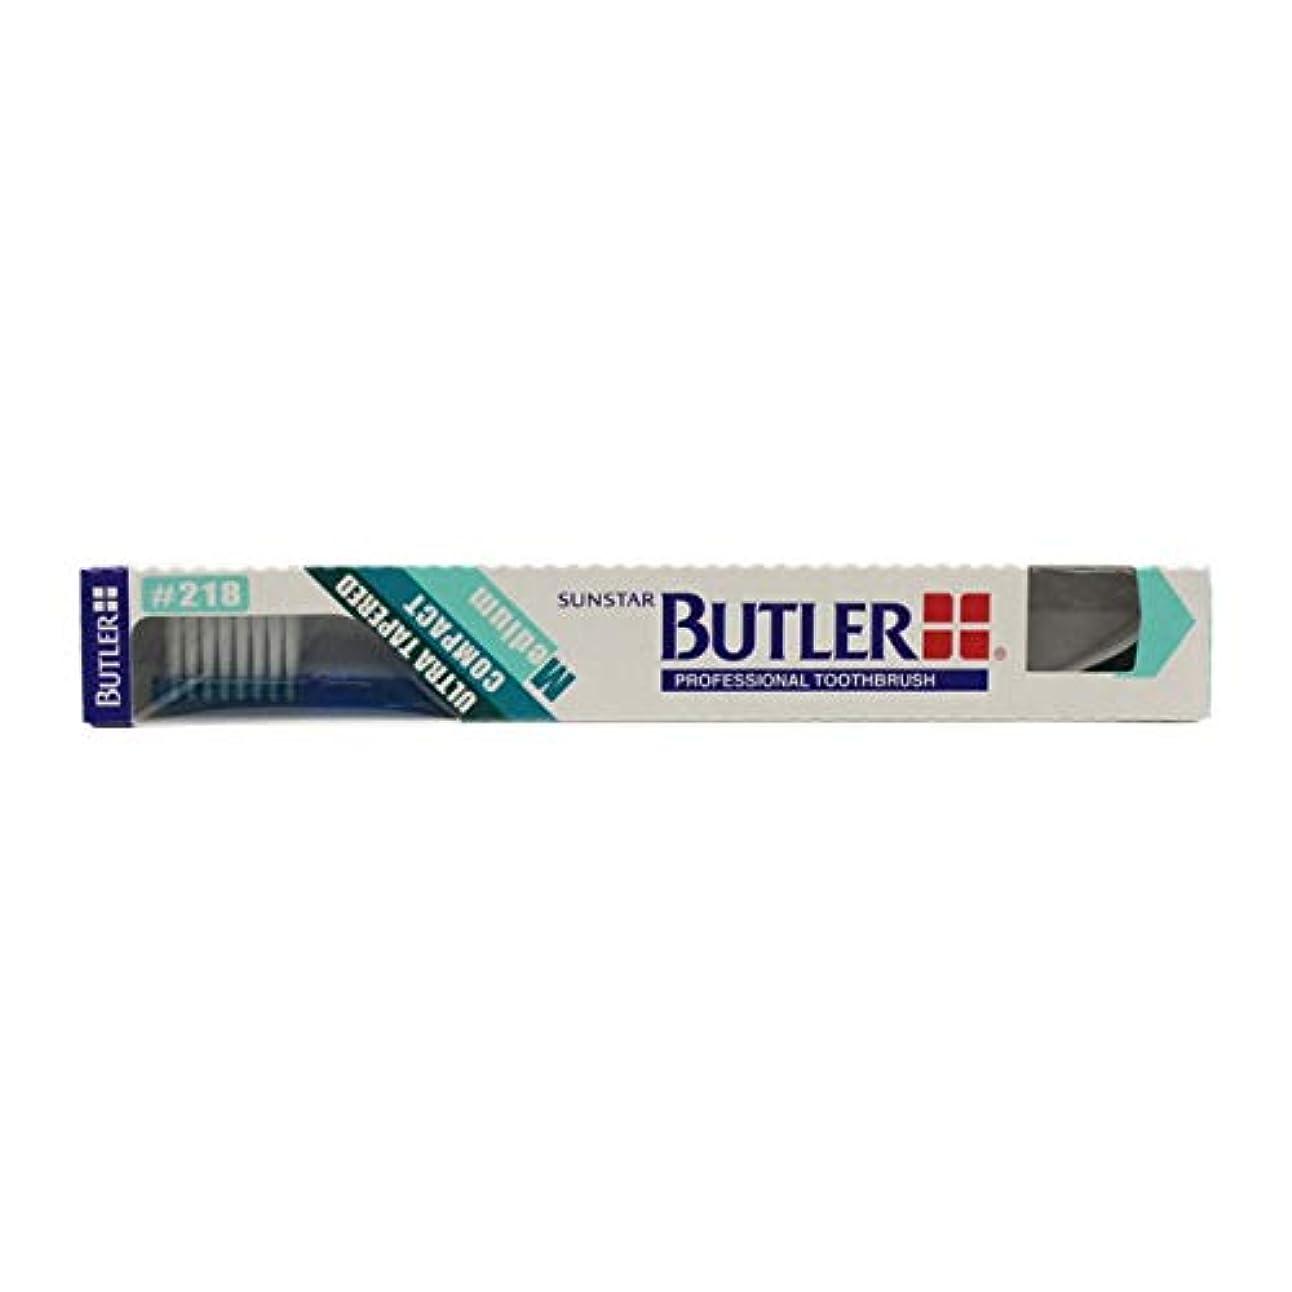 マラドロイト実験生きるサンスター バトラー 歯ブラシ #218 1本